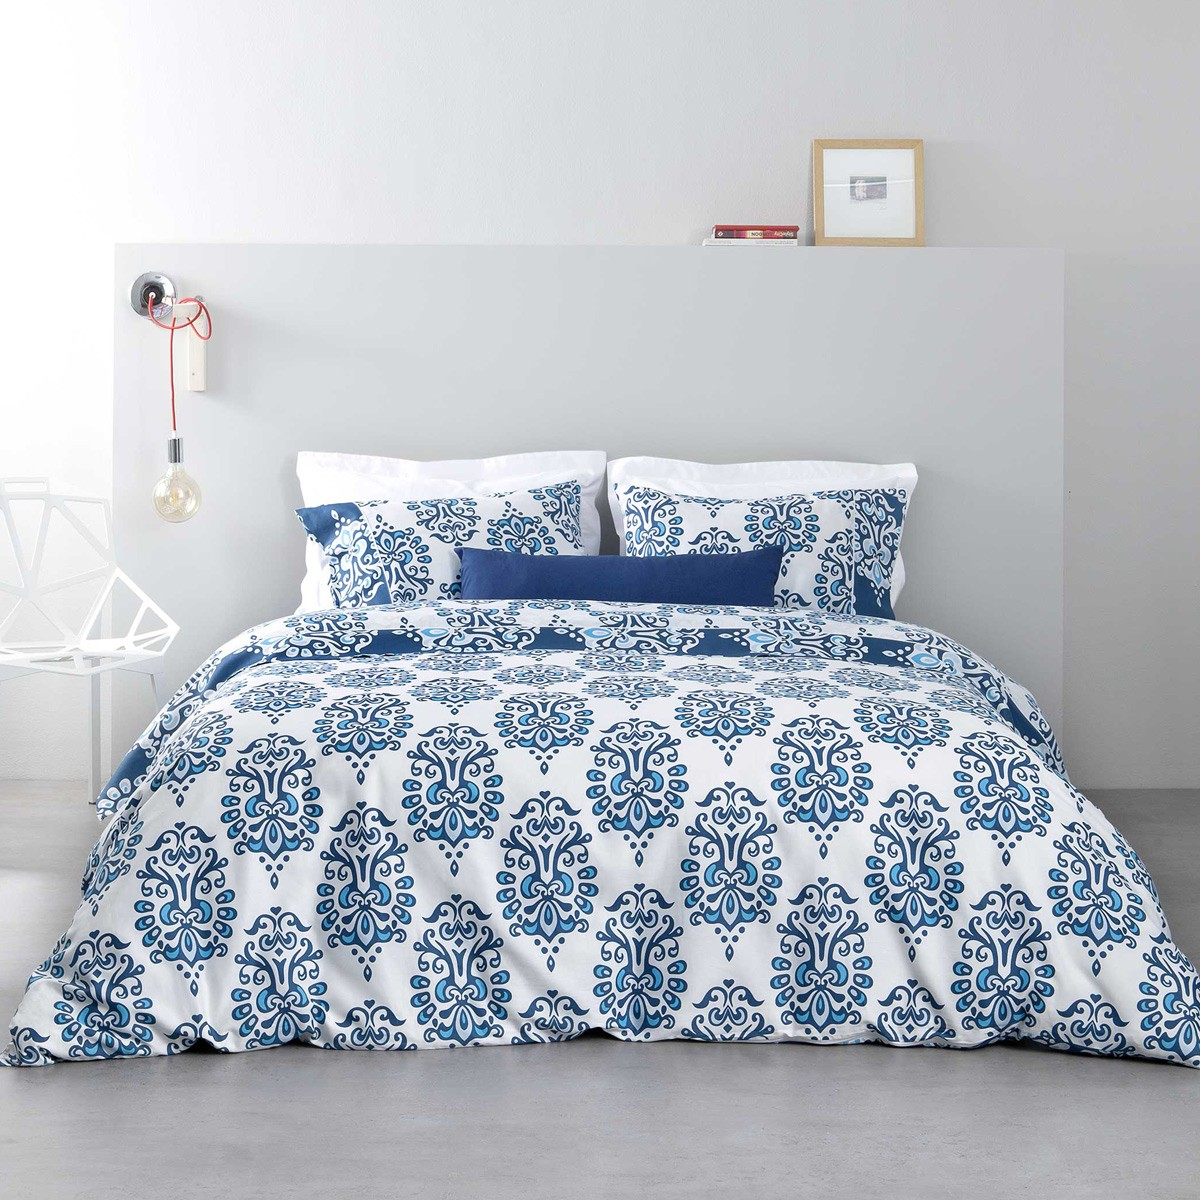 Κουβερλί Υπέρδιπλο Nima Bed Linen Ariadne Blue